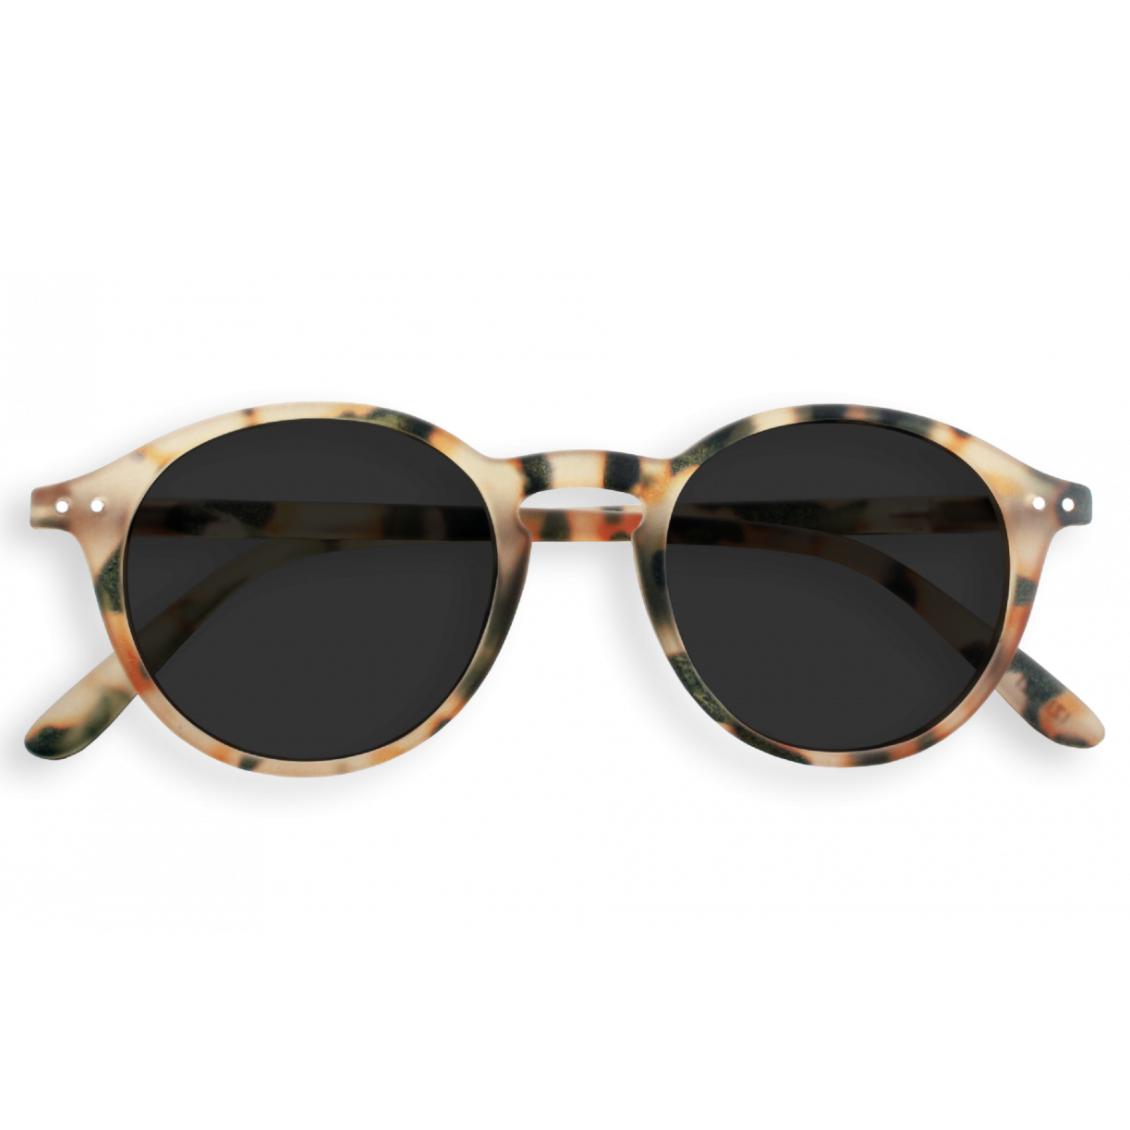 Sunglasses #D - Light Tortoise